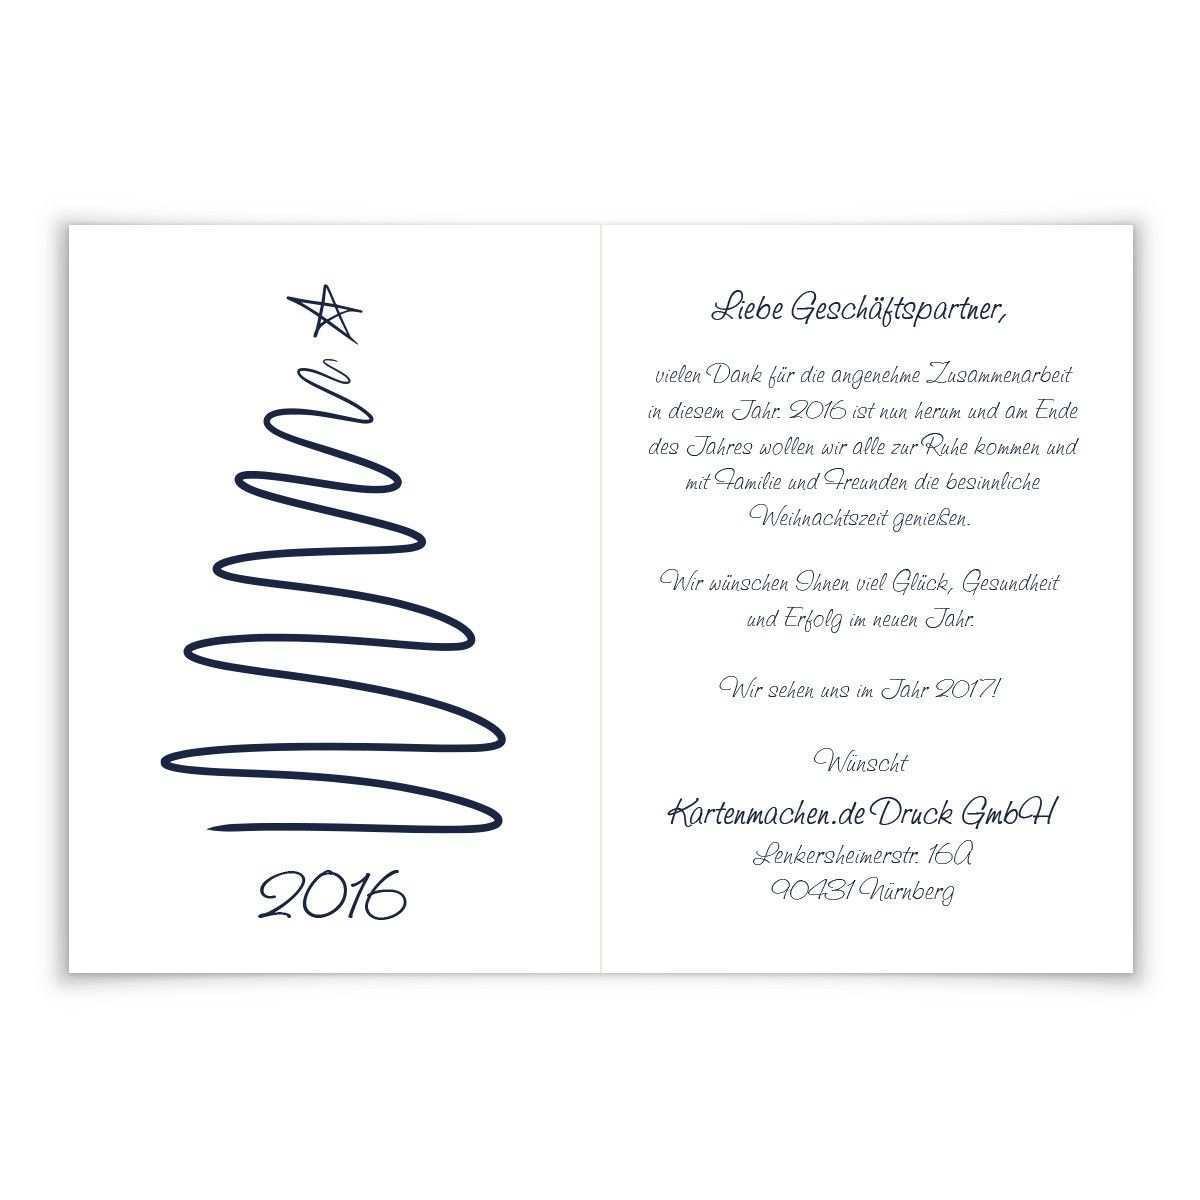 Geschaftliche Weihnachtskarten Gezeichneter Tannenbaum In Blau Weihnachten Weihnachtskarte Weihnachtskart Weihnachtskarten Karten Weihnachtsgrusse Spruche